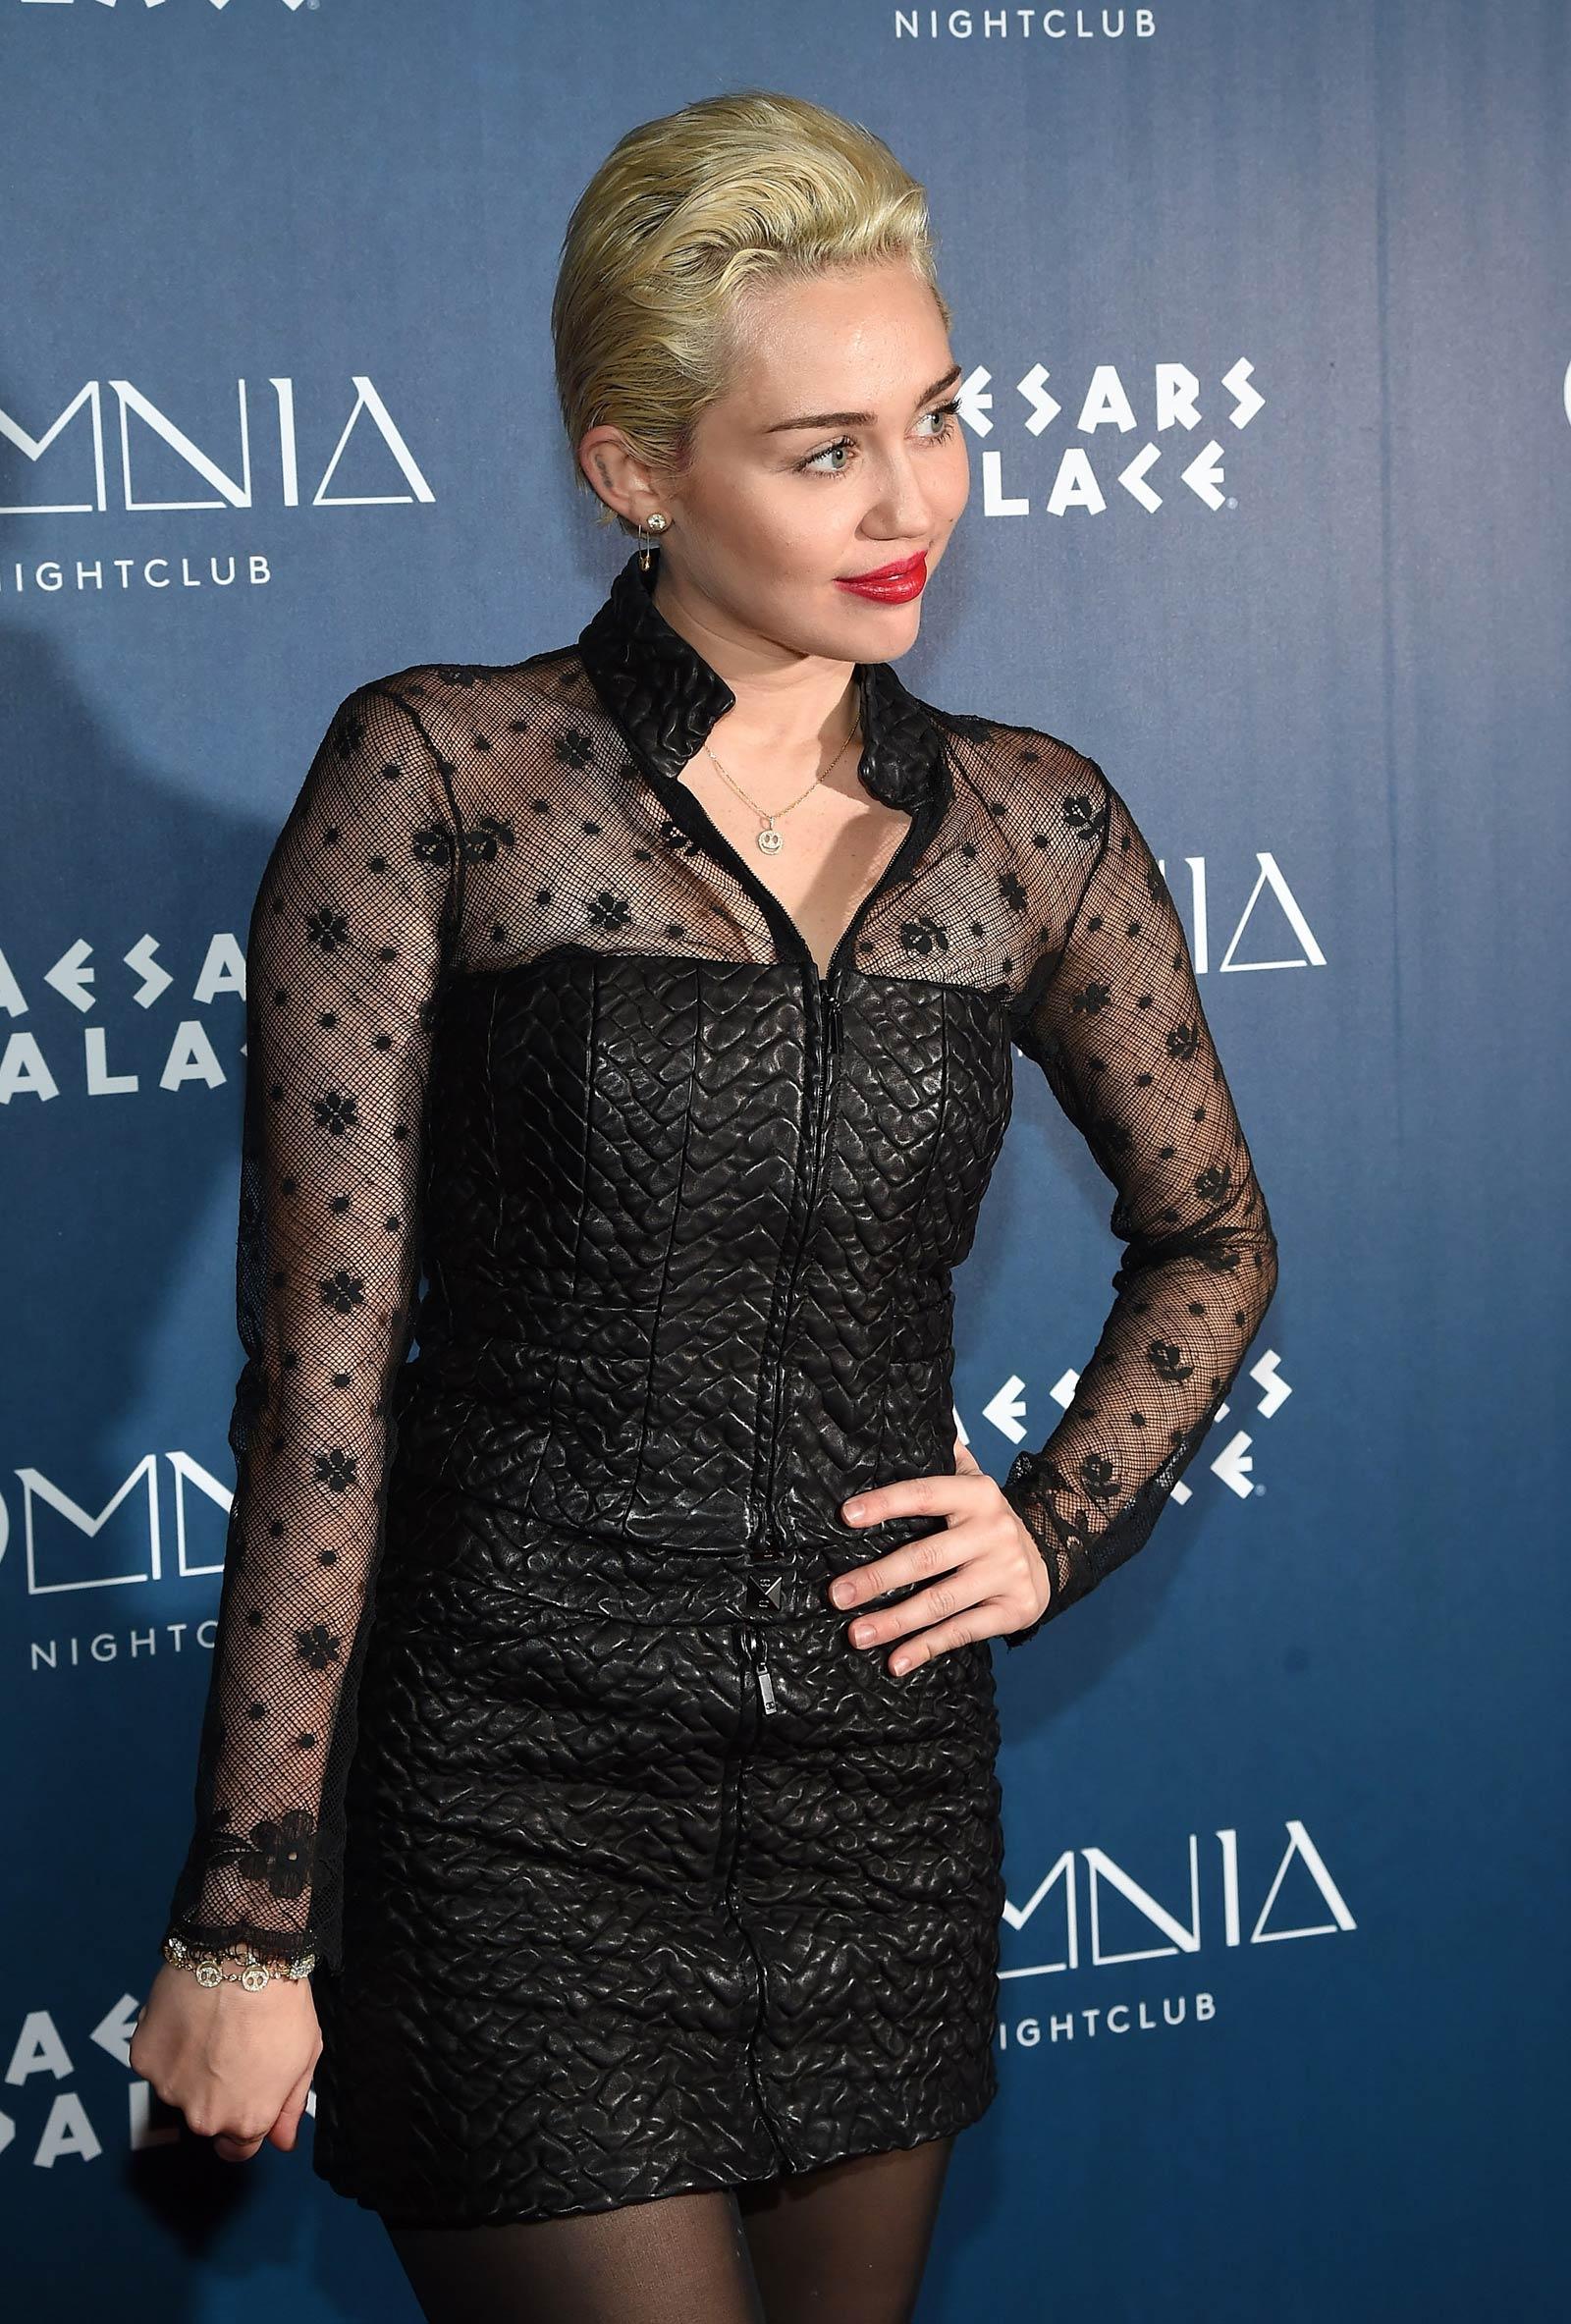 Miley Cyrus at Omnia Nightclub